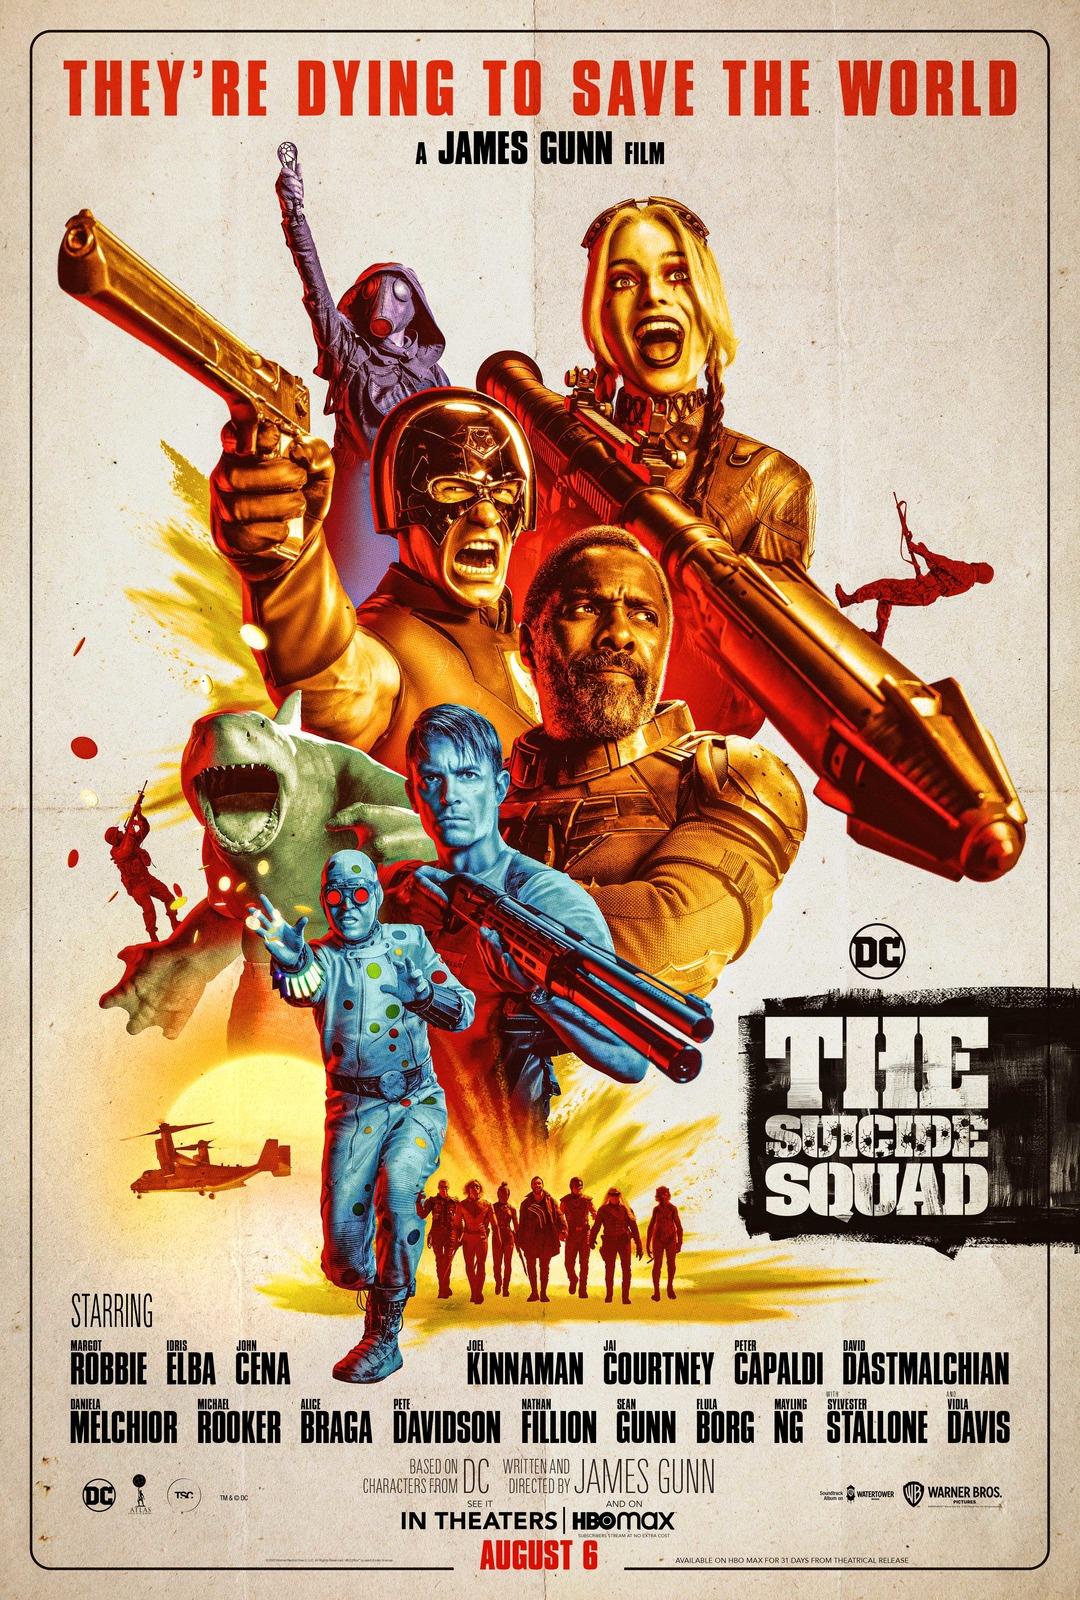 o esquadrao suicida warner divulga novo trailer filme dirigido james gunn - O Esquadrão Suicida | Warner divulga novo trailer do filme dirigido por James Gunn